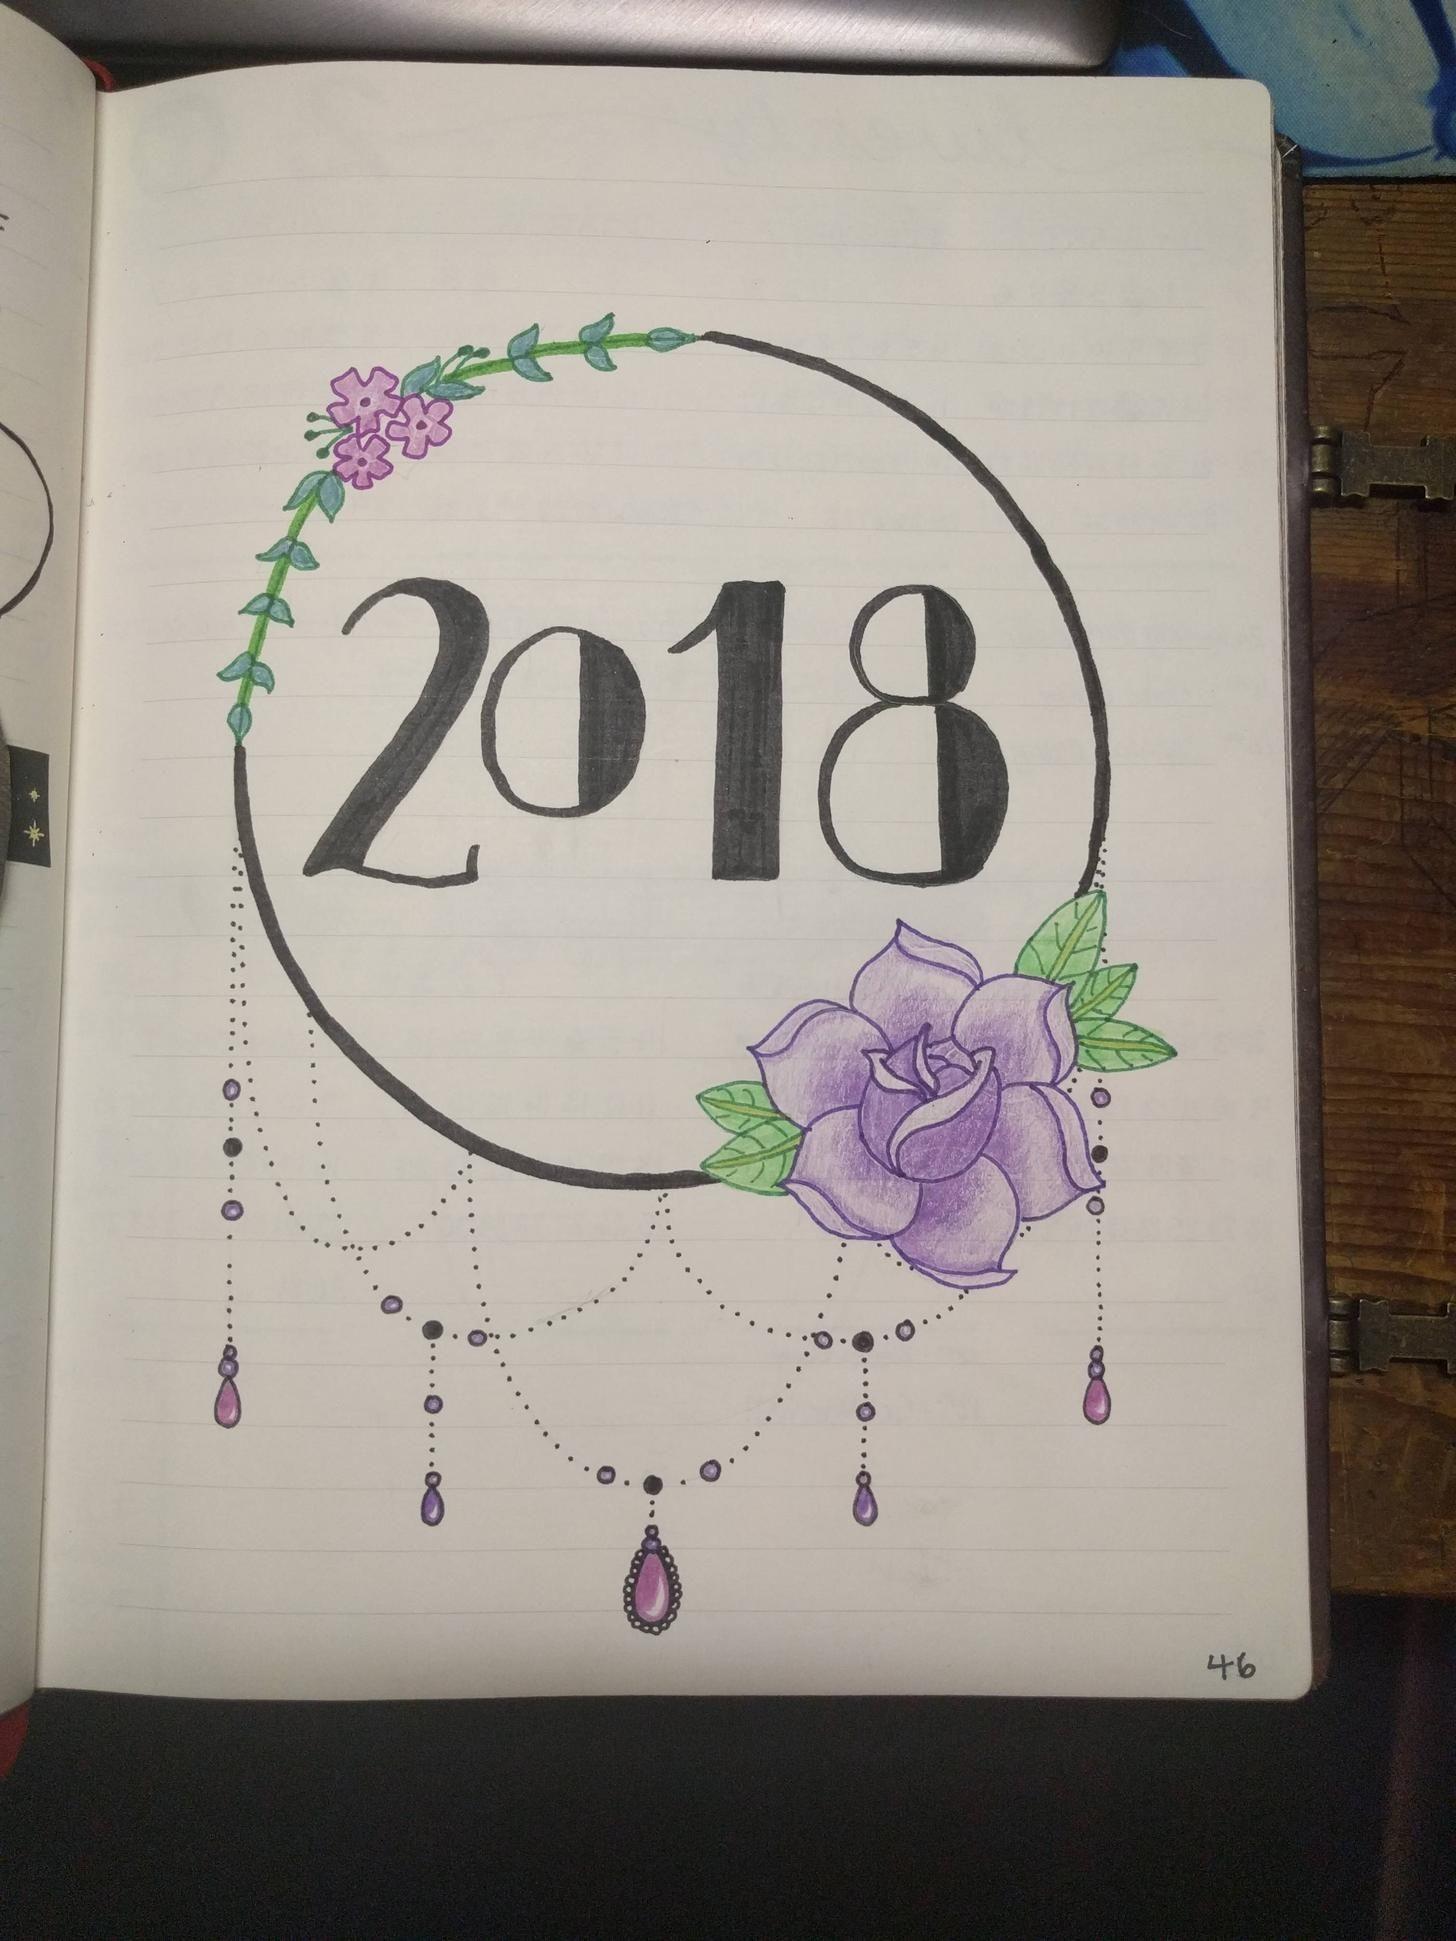 Calendario Escolar 2017 Por Meses Para Imprimir Mejores Y Más Novedosos 2018 Cover Page Tumblr Of Calendario Escolar 2017 Por Meses Para Imprimir Más Caliente Esto Es Exactamente Calendario Imprimir 2019 Excel